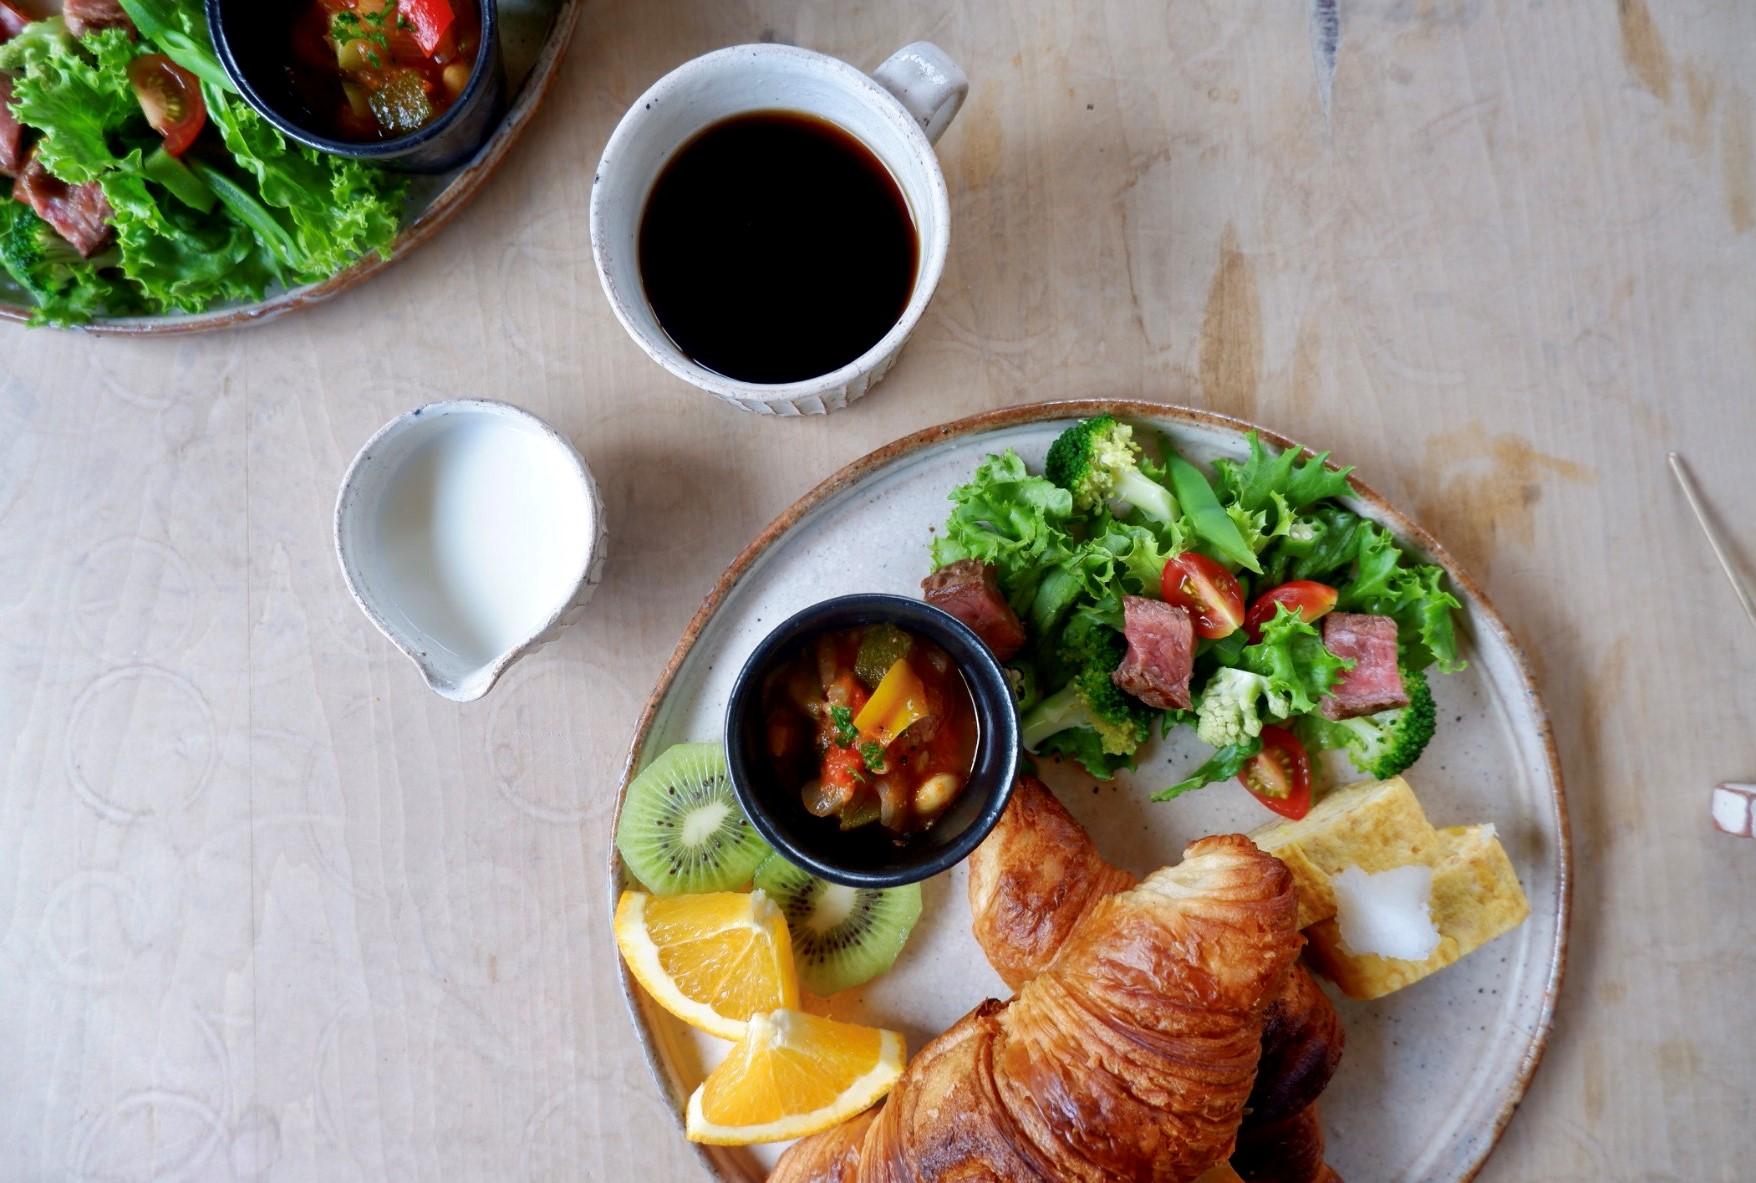 食卓に迎えれば、毎日の食事がいつもより少し楽しみになりそうです。